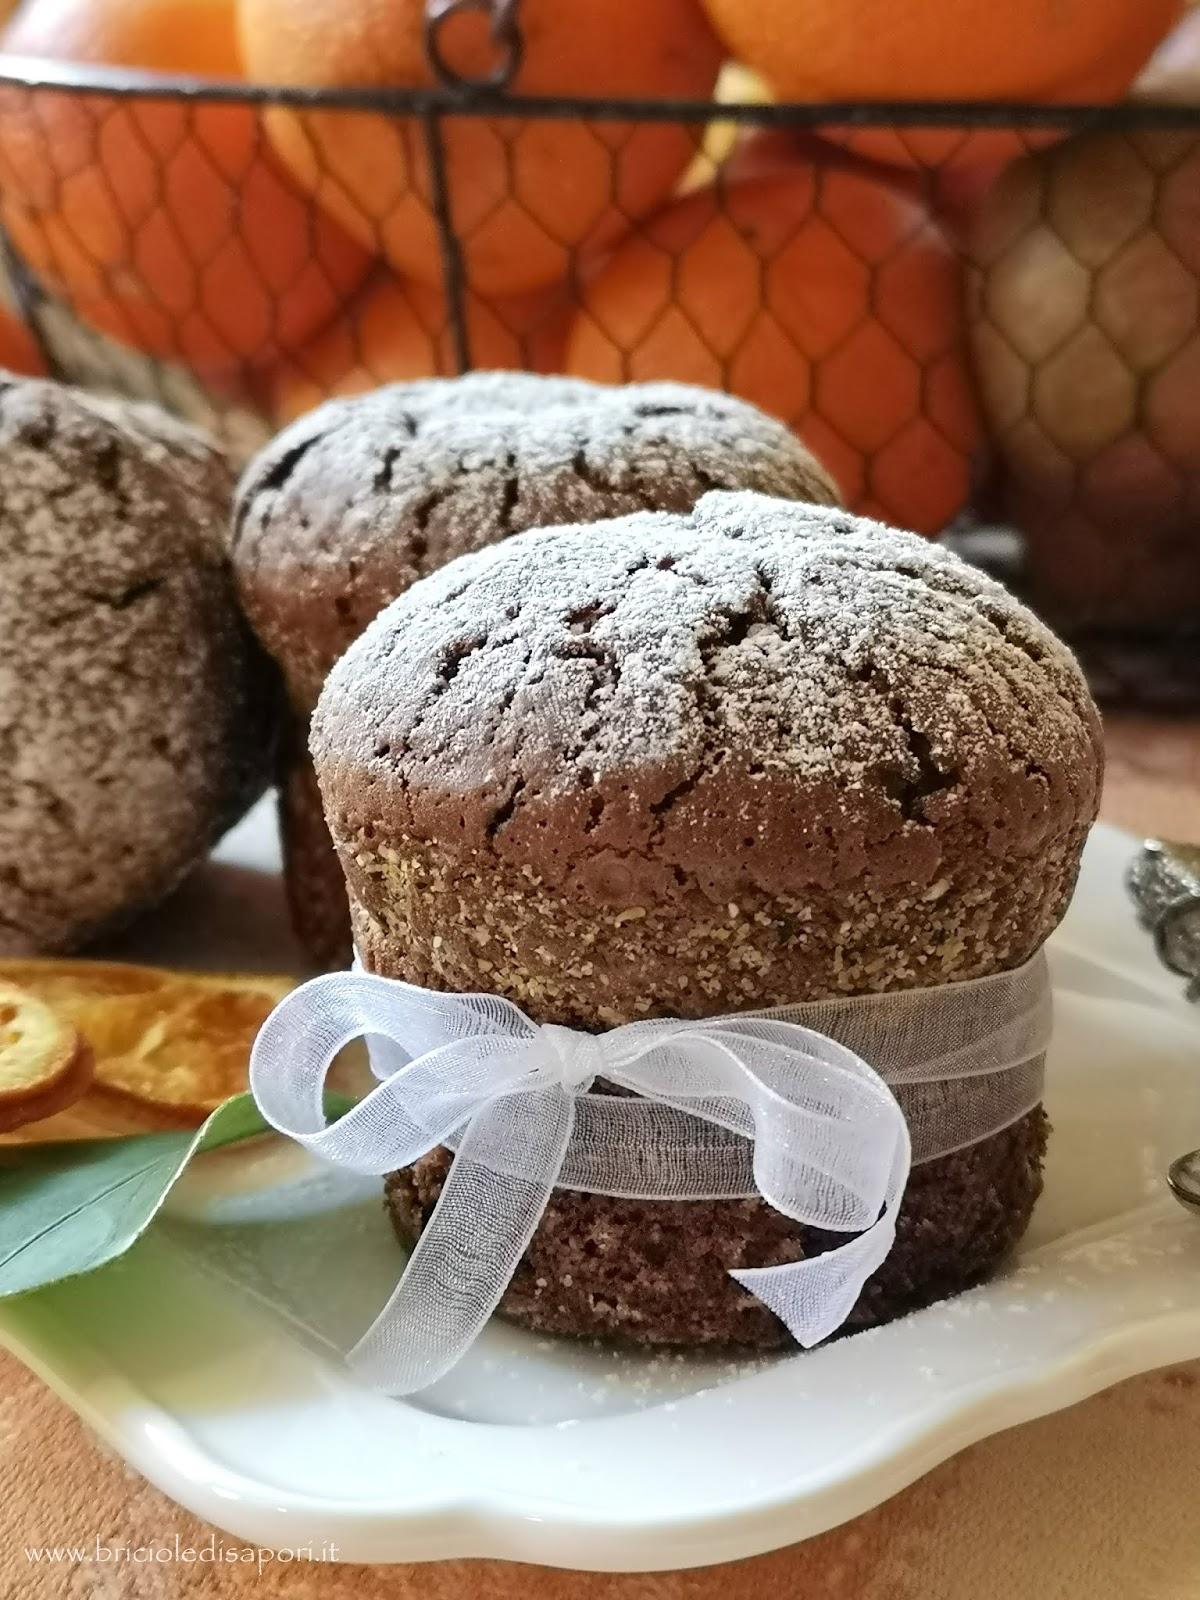 muffin con cioccolato all'arancia